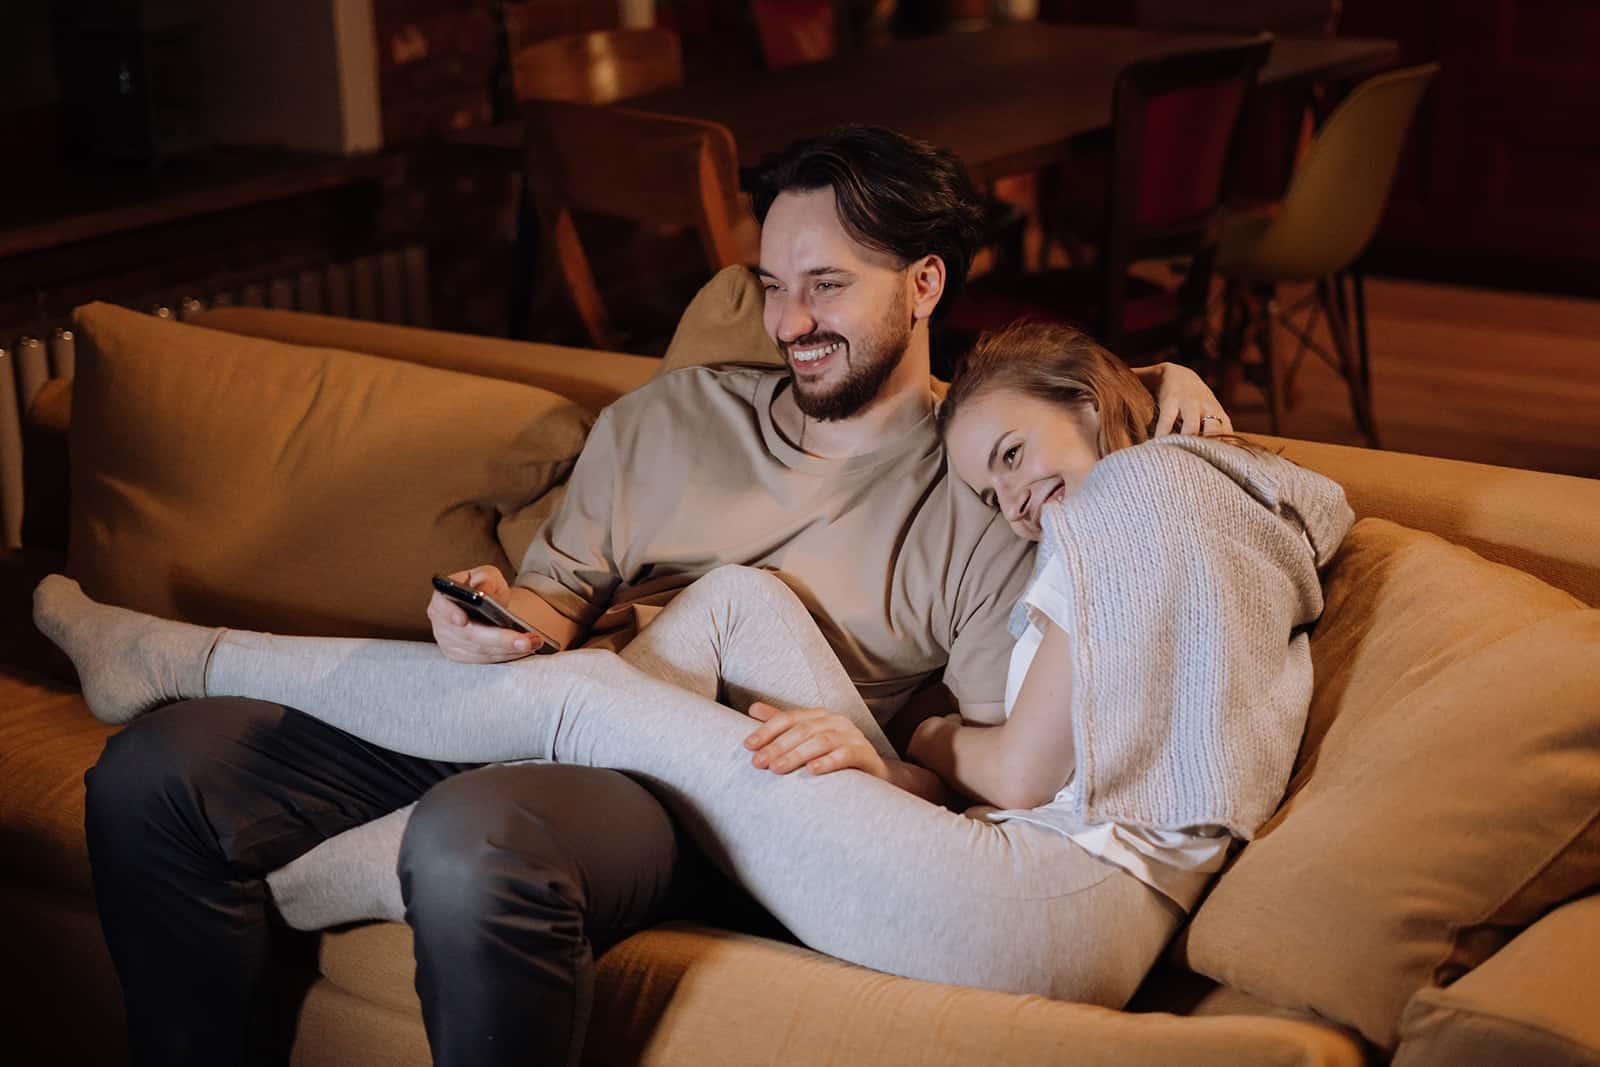 un couple heureux assis sur le canapé et câlins le soir